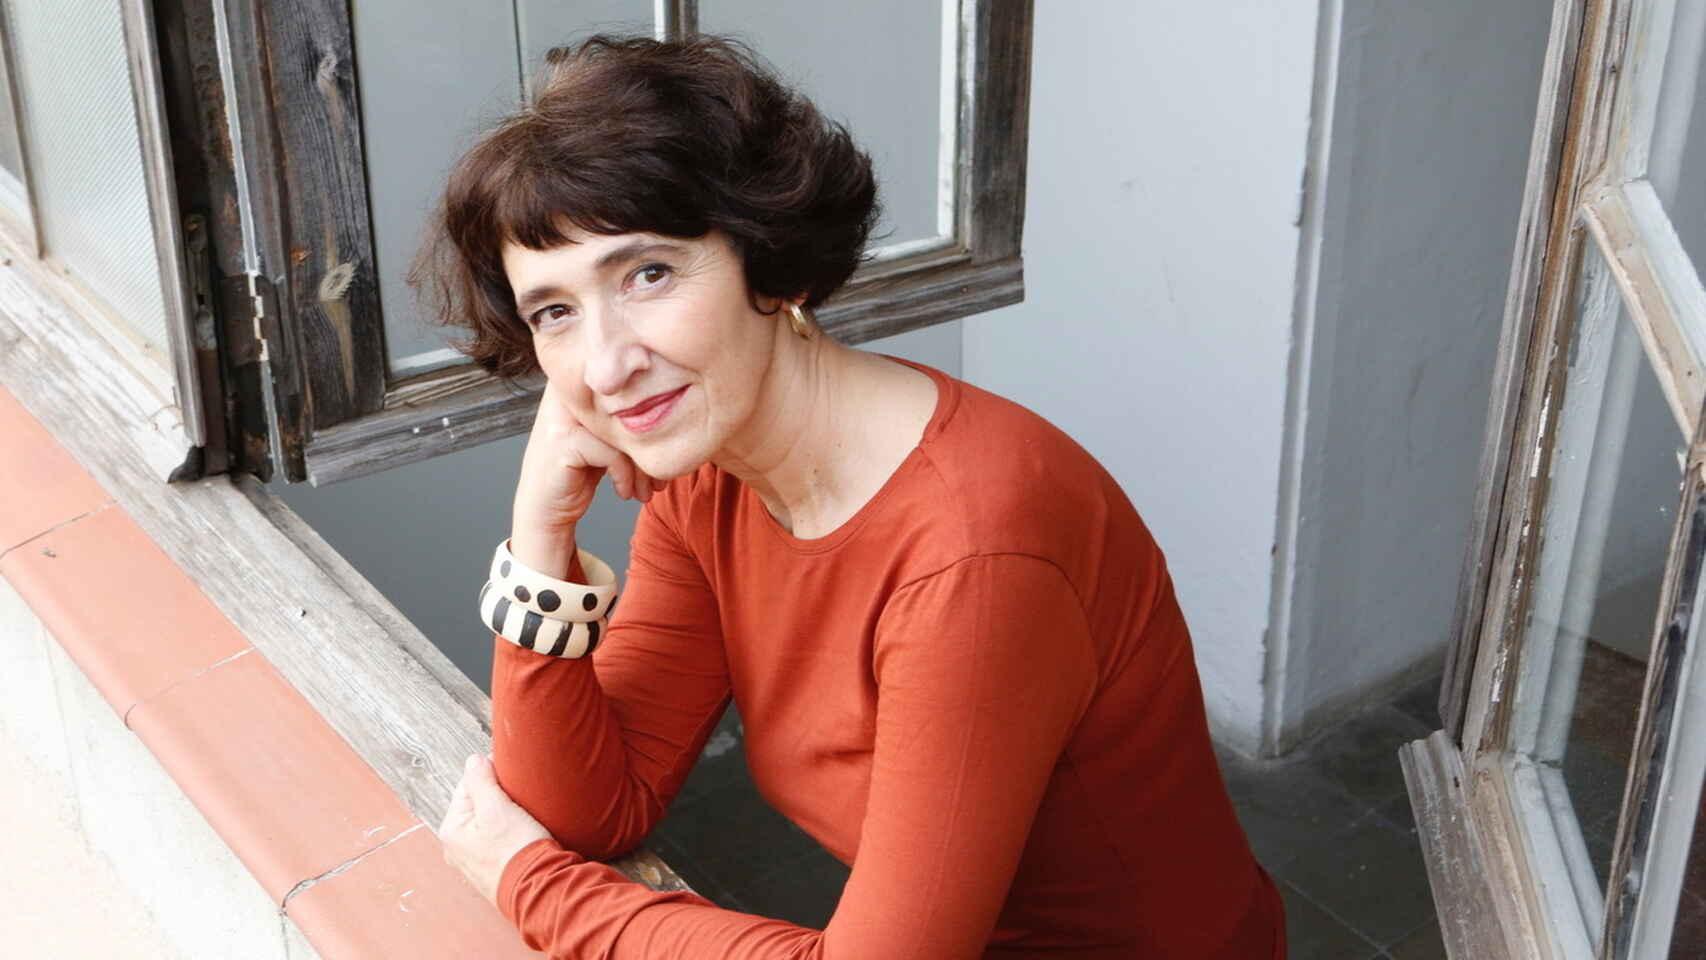 La pintora Eva Armisén. Cano Estudio